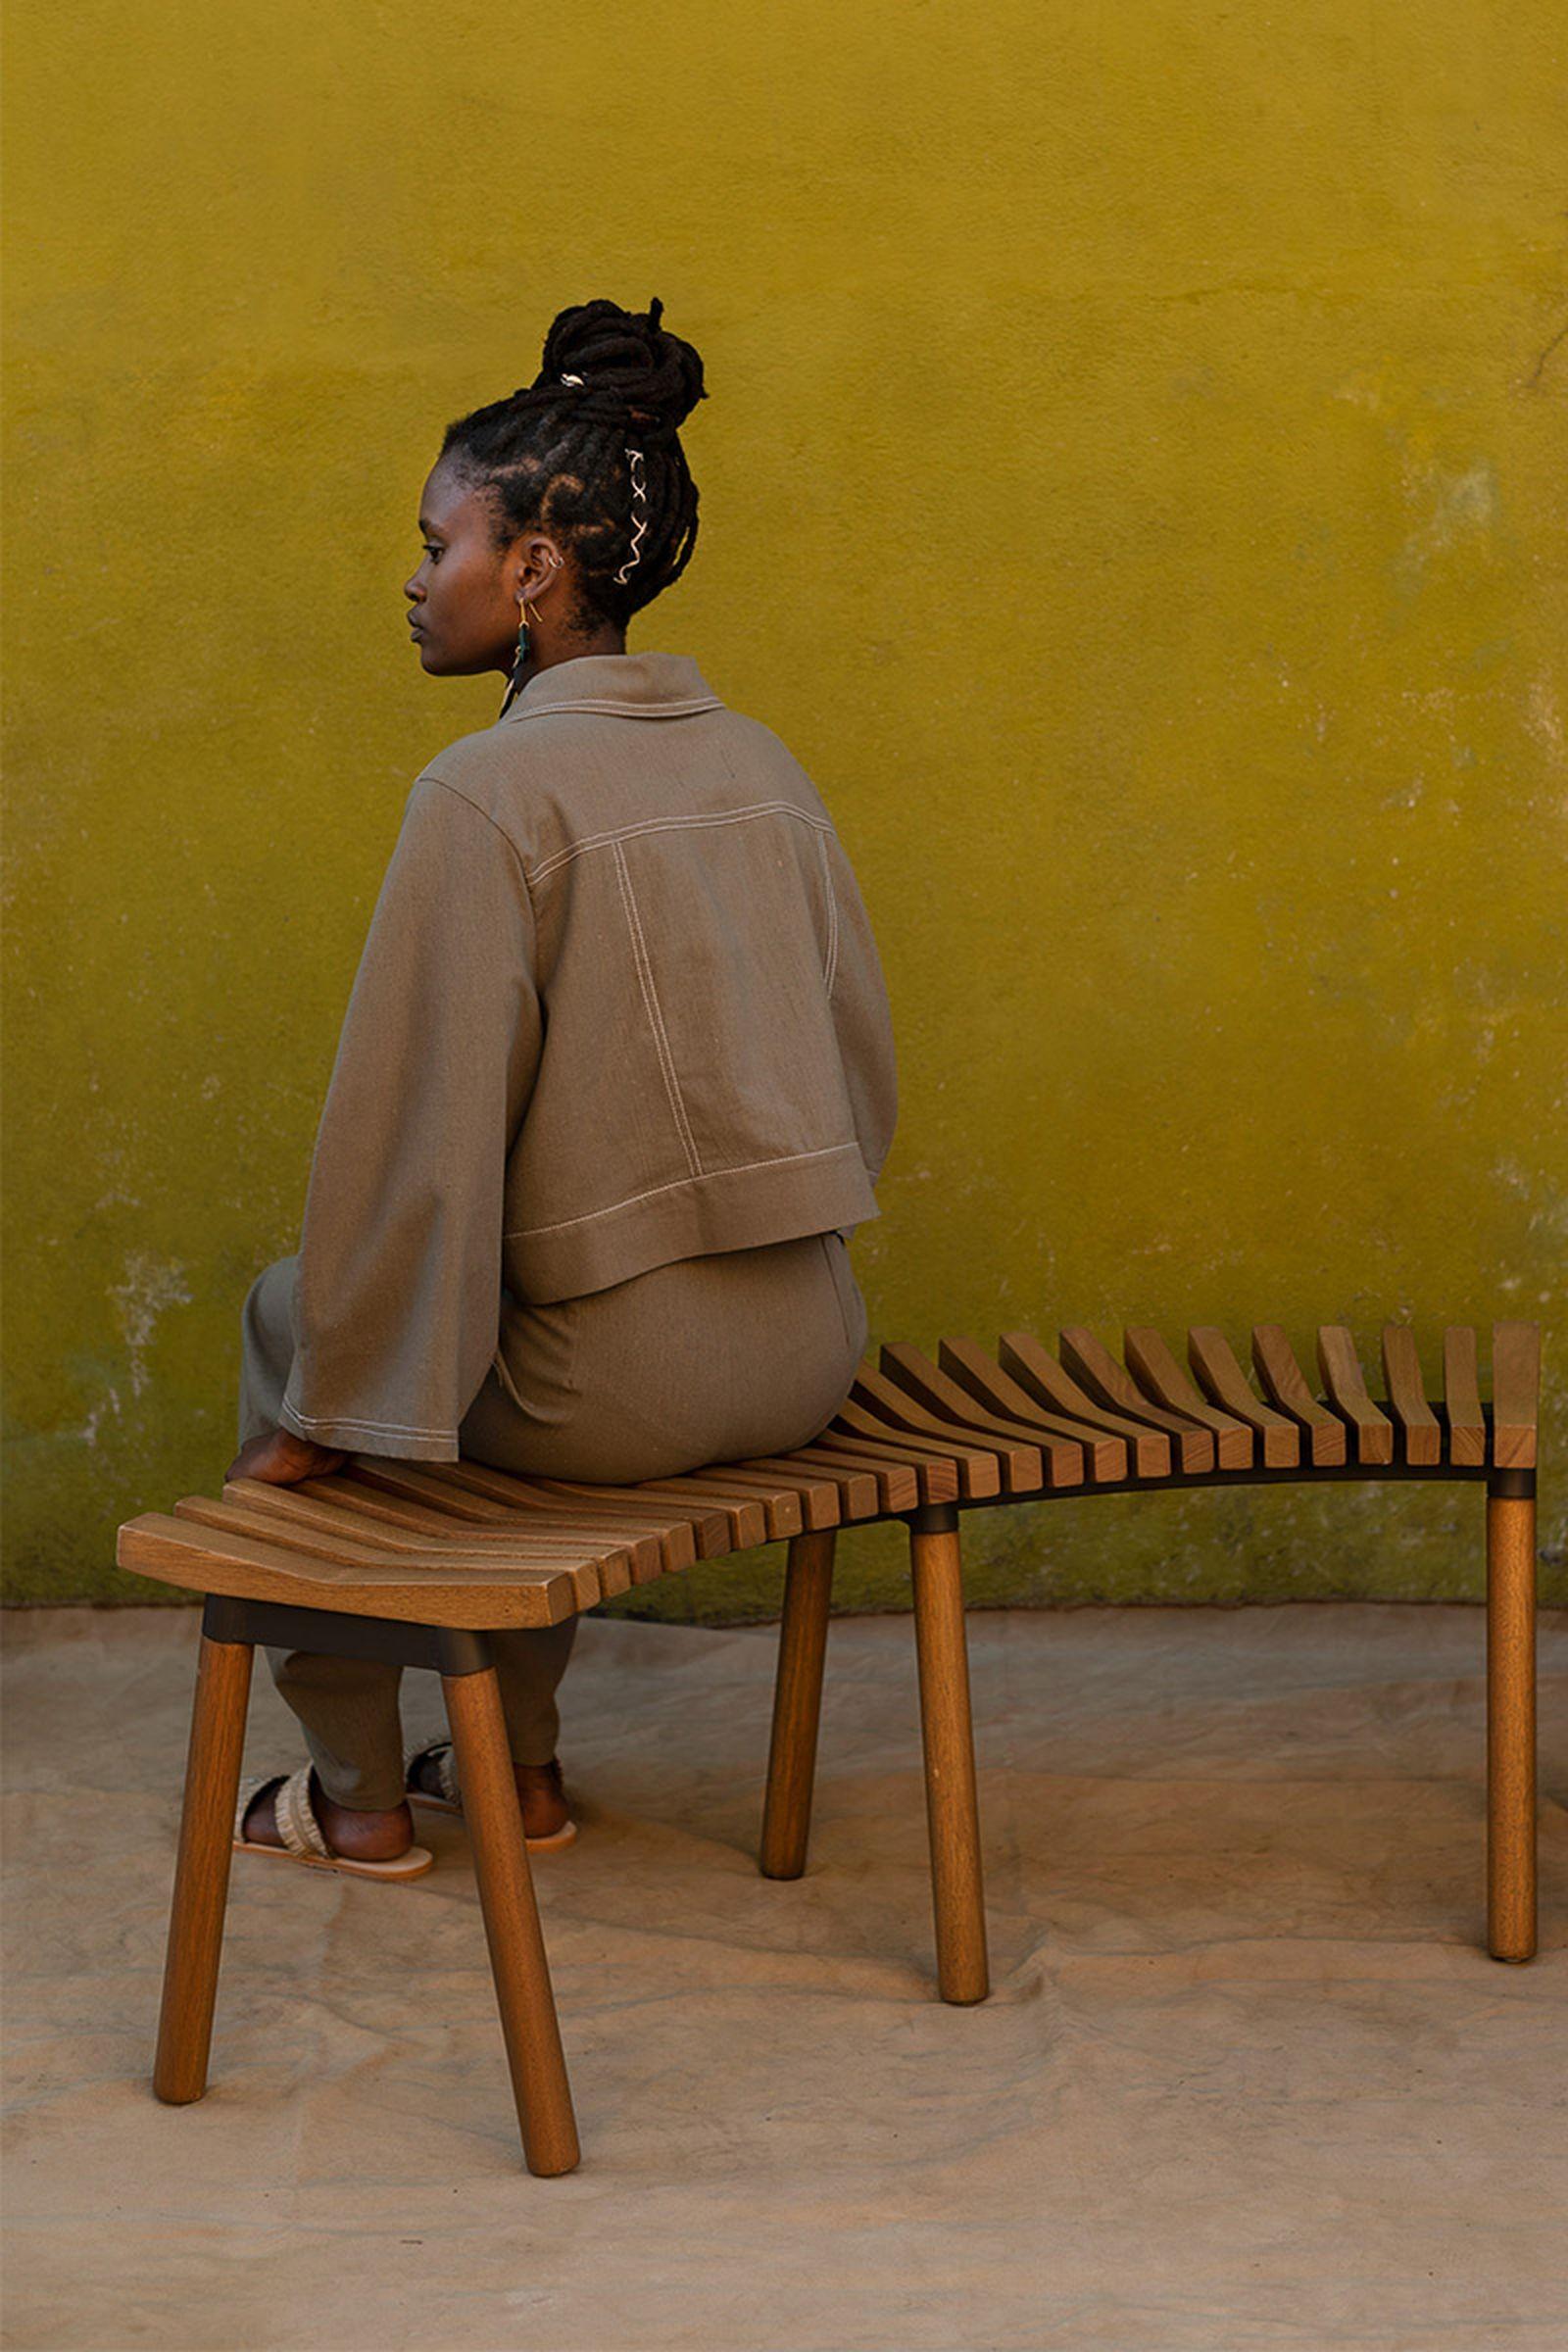 ikea africa overallt collection african art